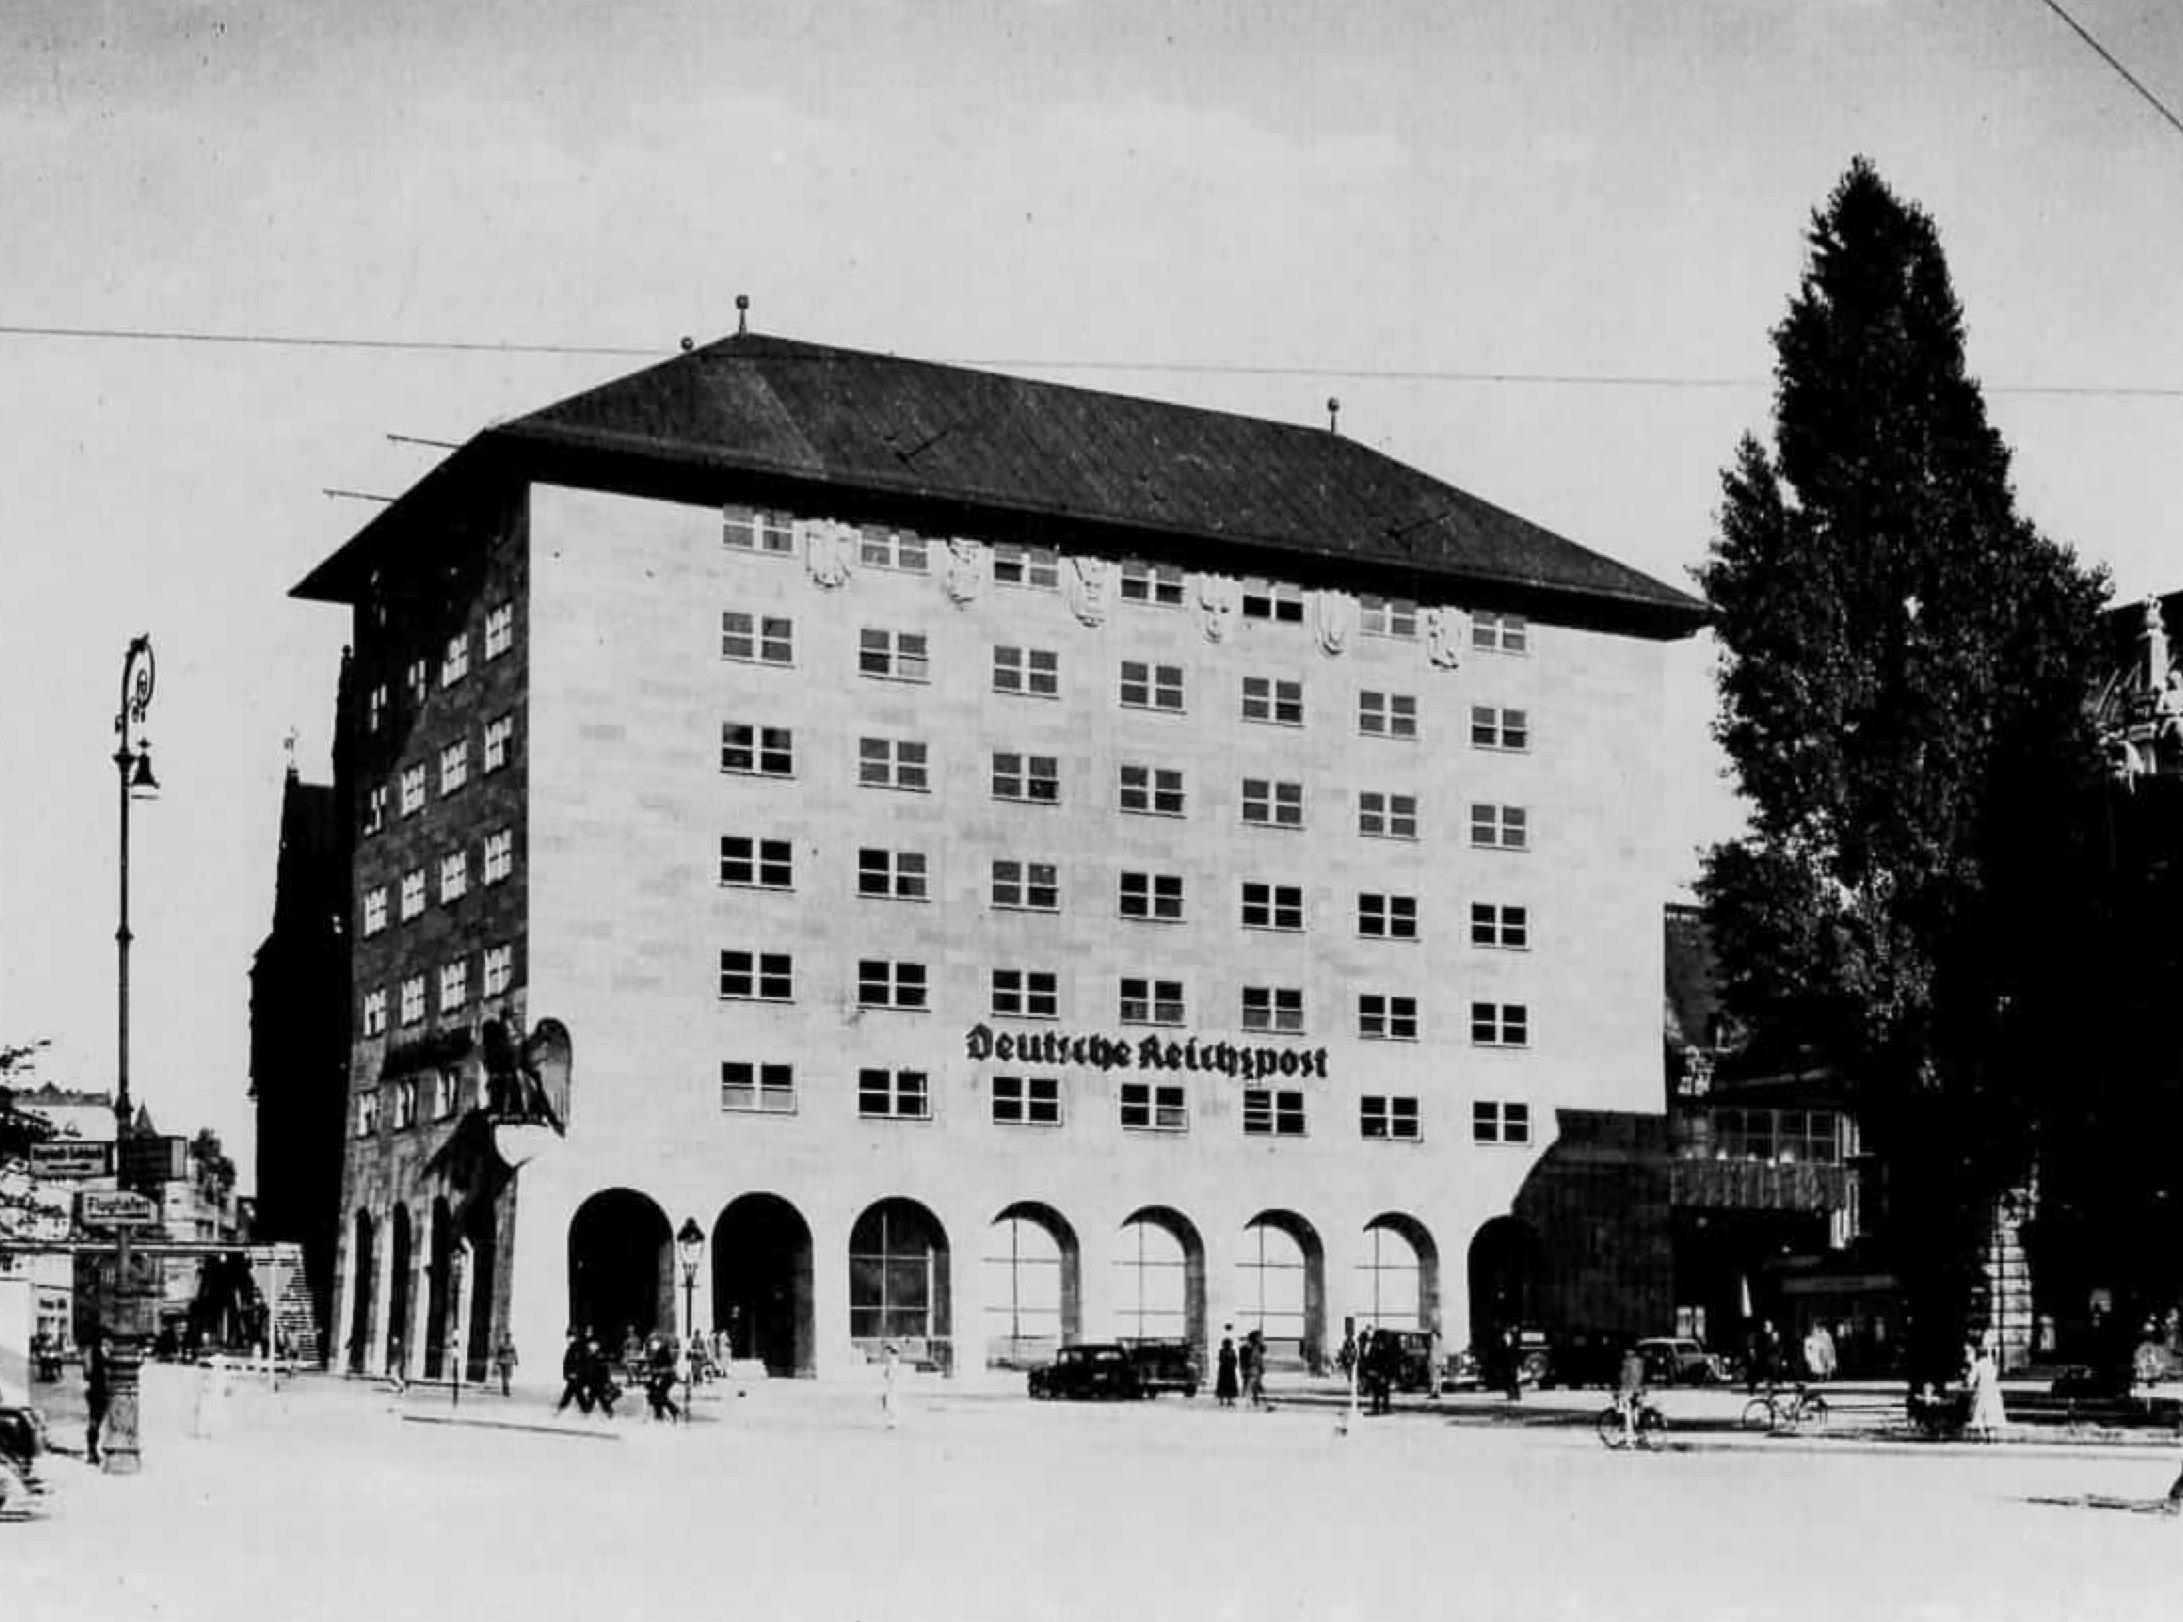 Hauptpost geschichte und architektur im berblick stadtbild initiative n rnberg - Deutsche architektur ...